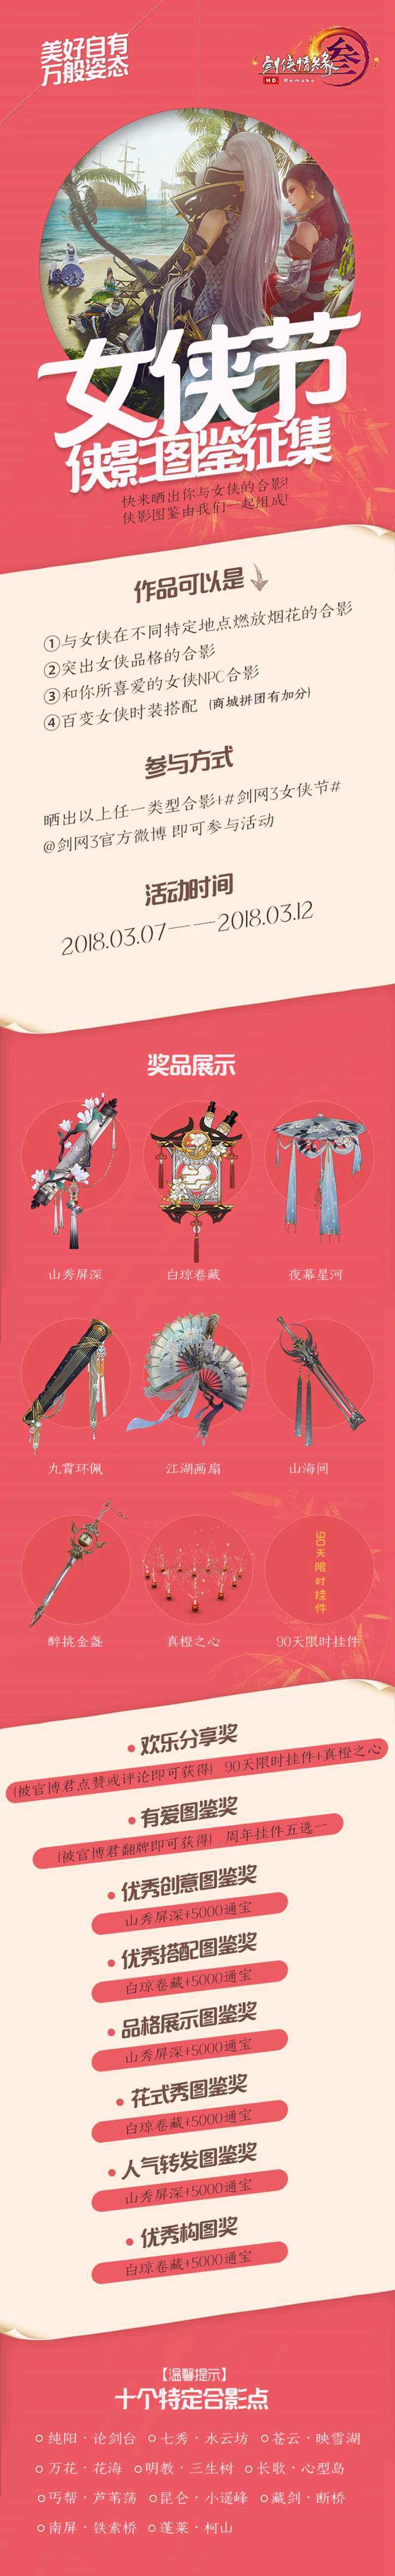 《剑网3》养生版今日上线 女侠节同步更新